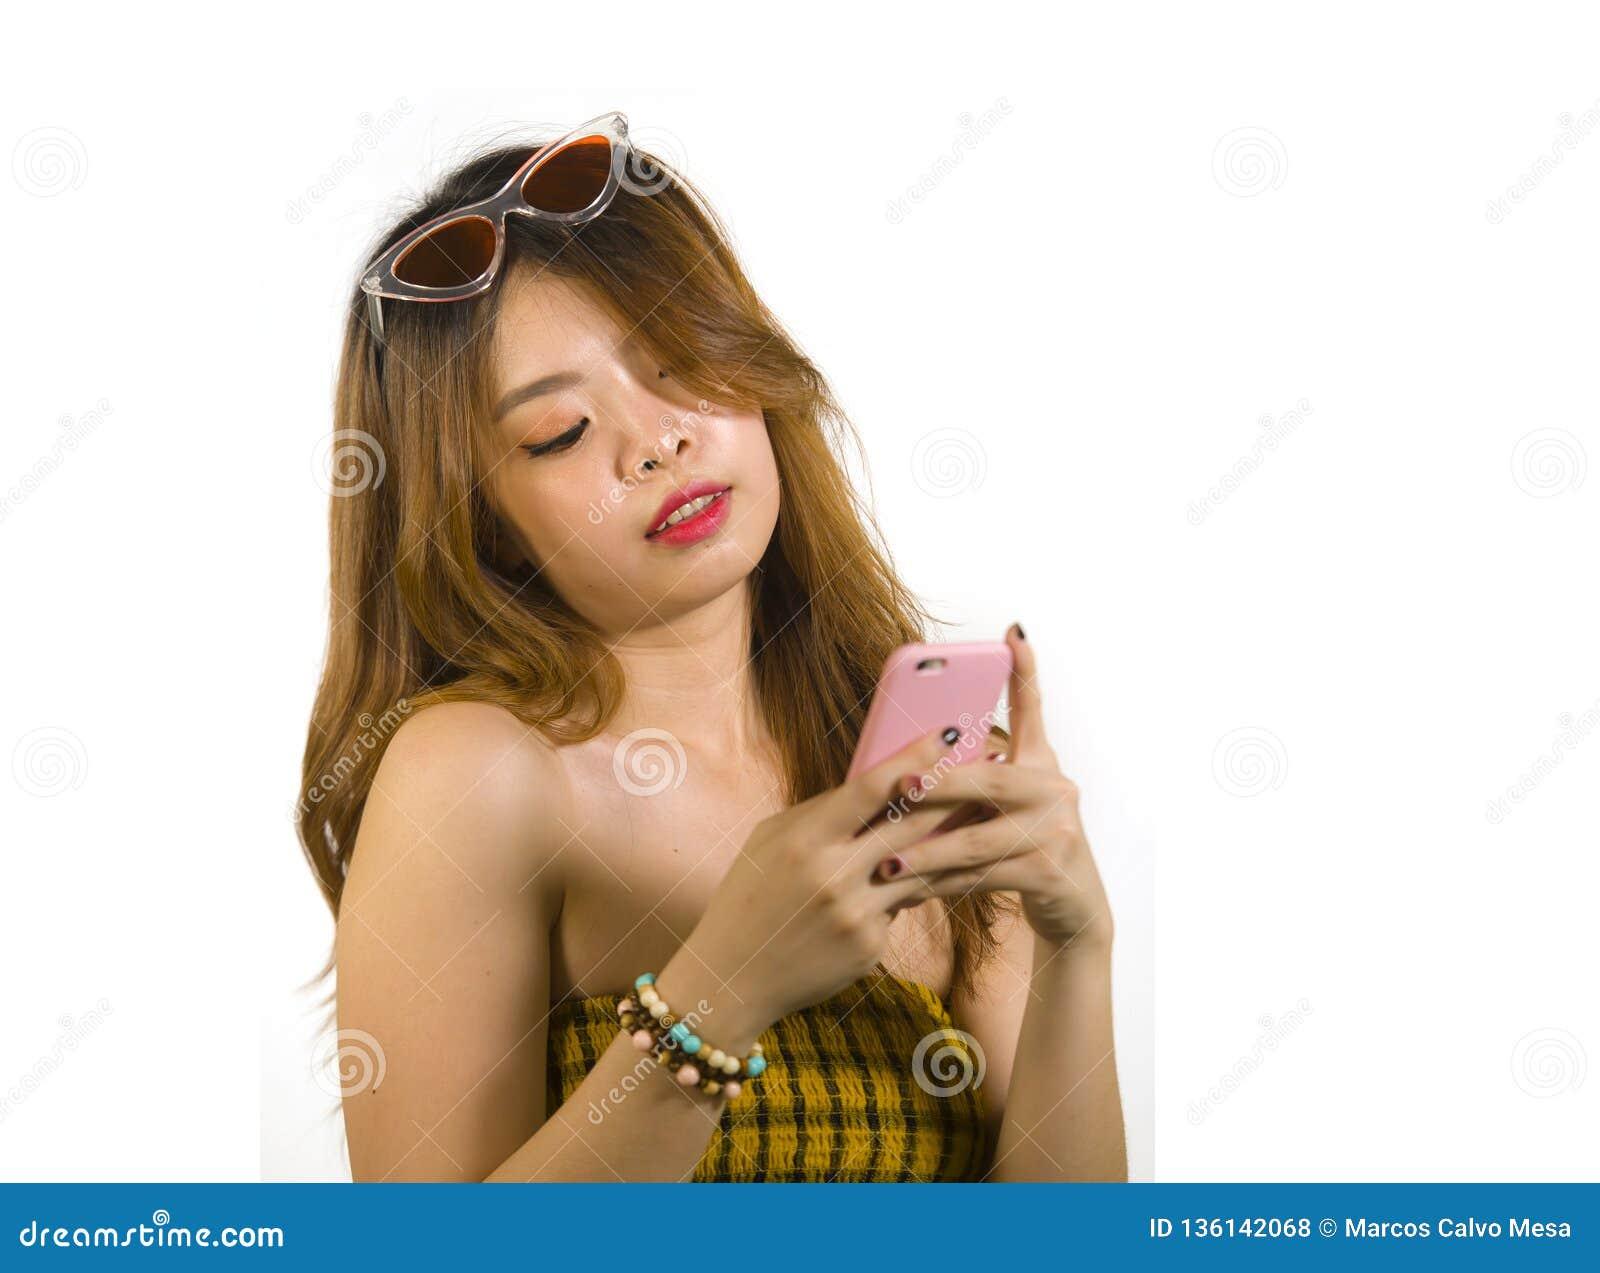 koreanska online dating app Rihanna drake dating TMZ